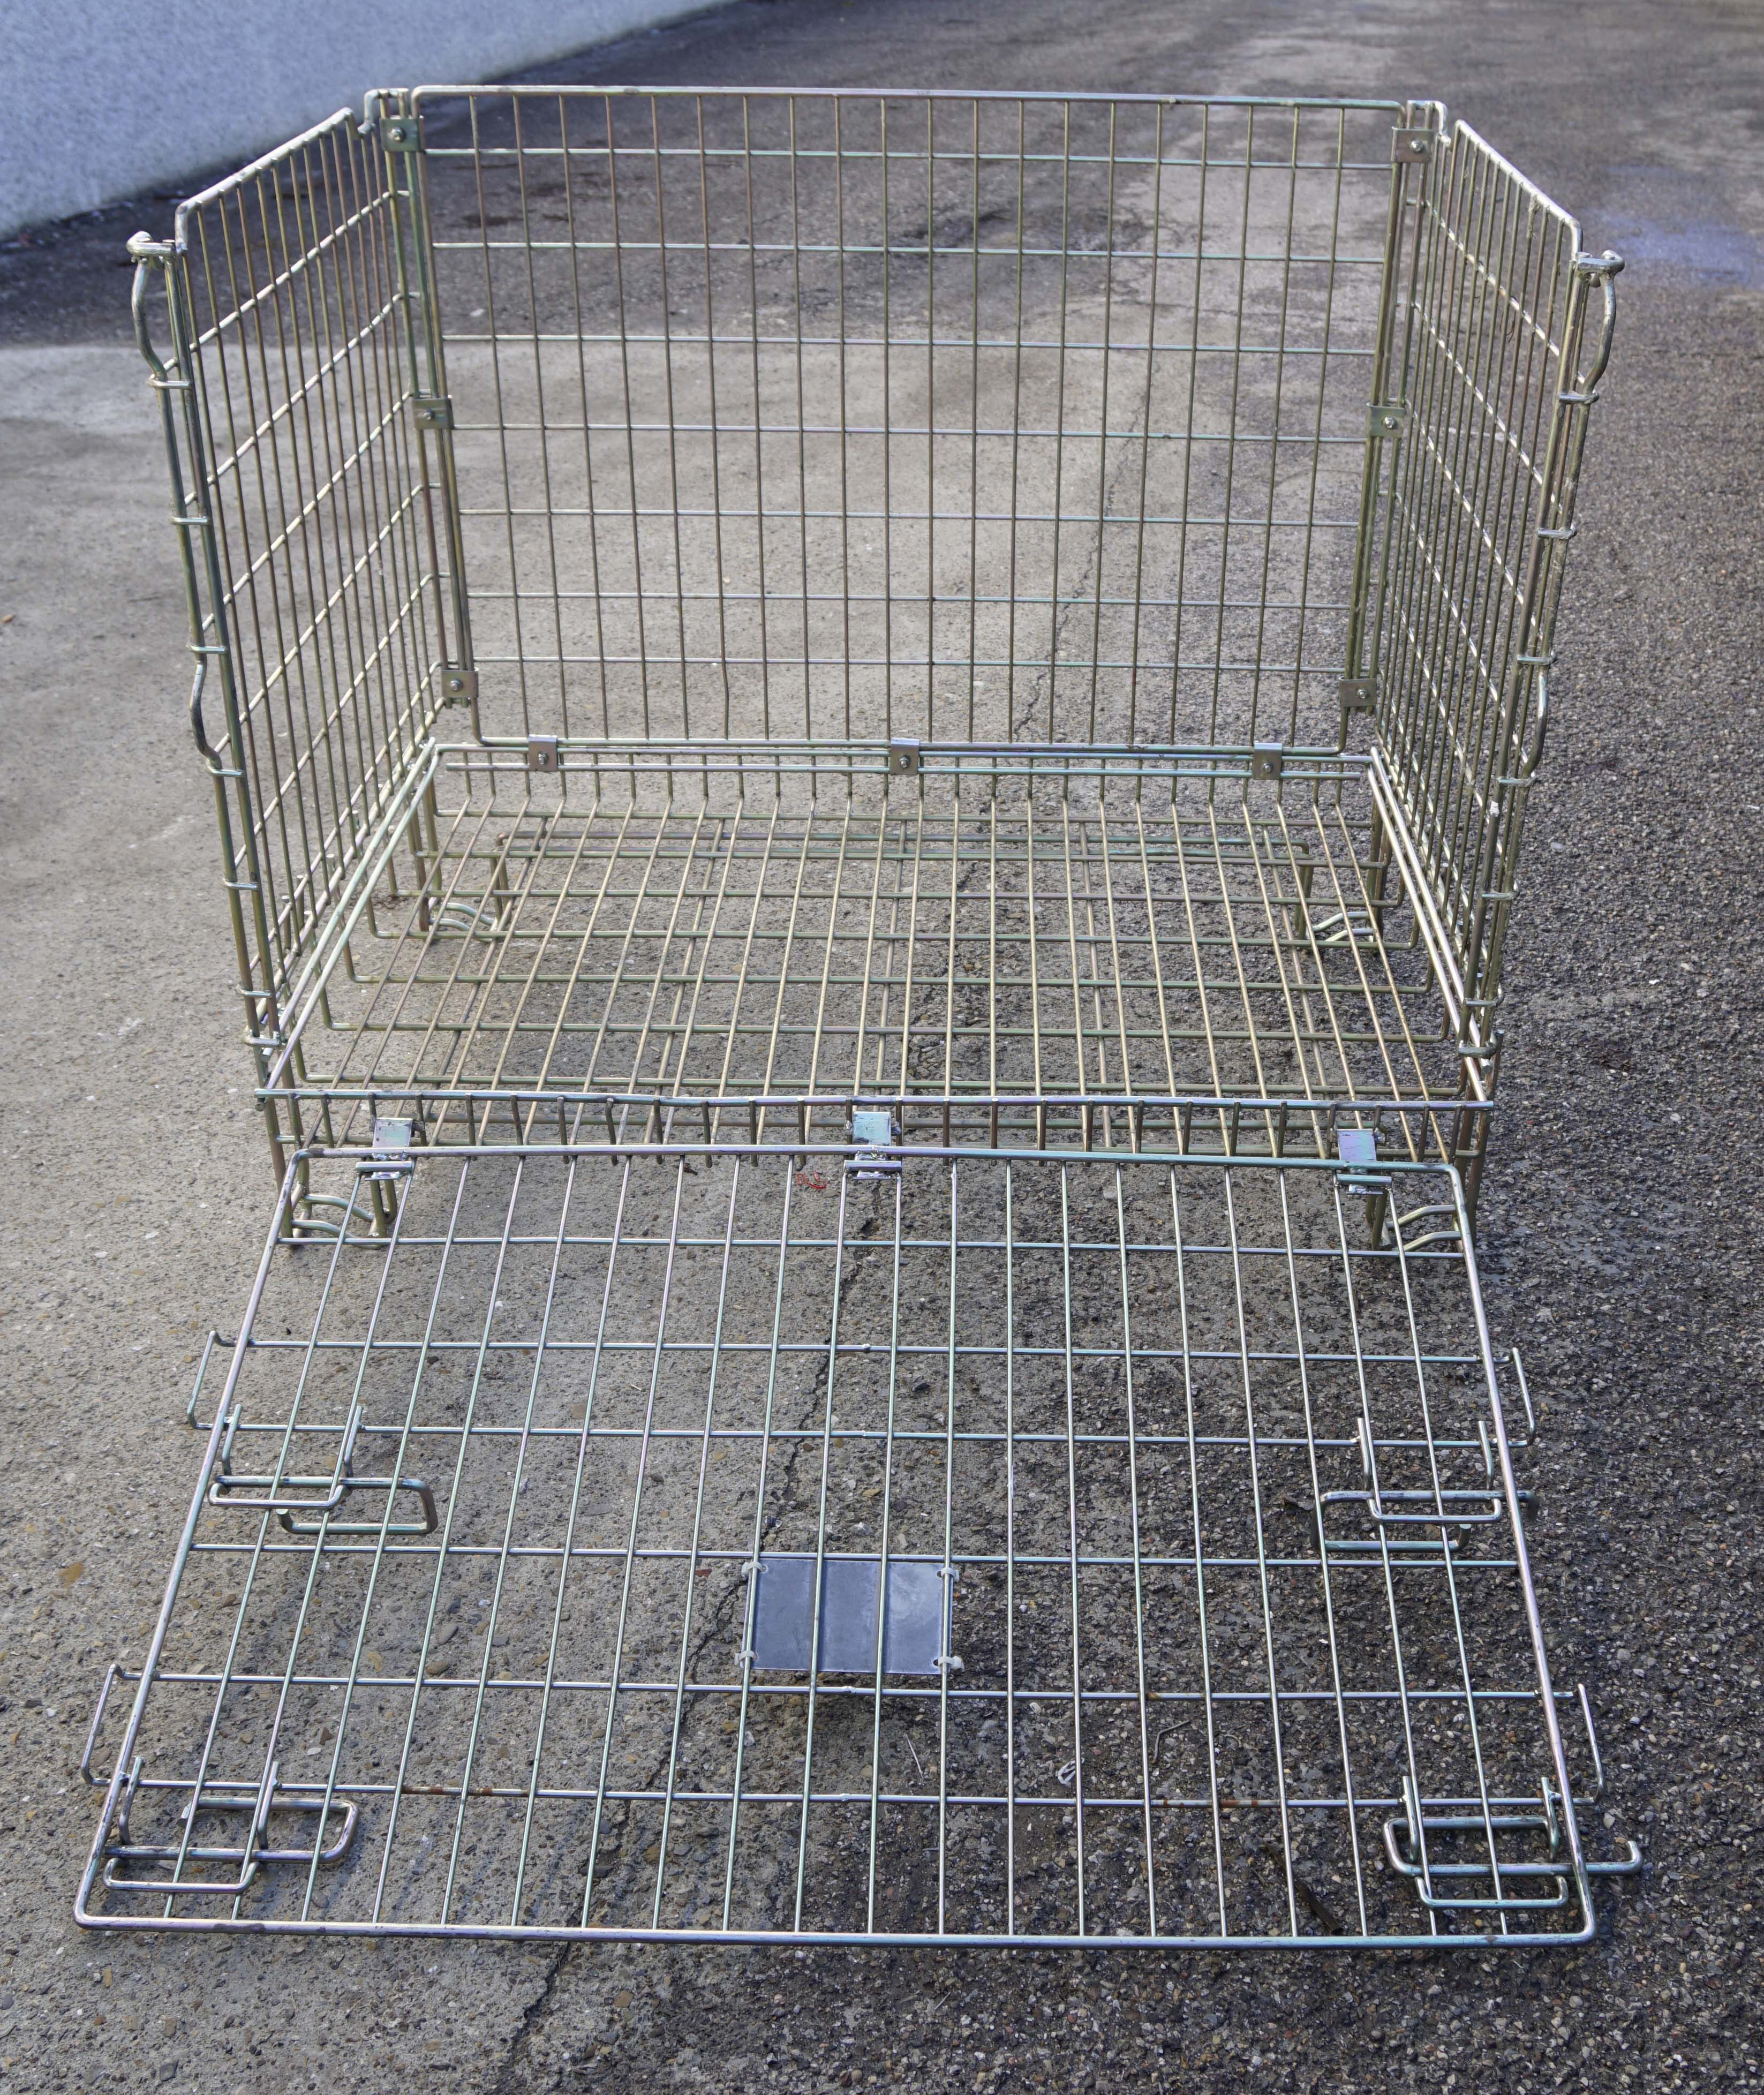 Ceste o cestoni in filo metallico richiudibili in vendita - foto 4